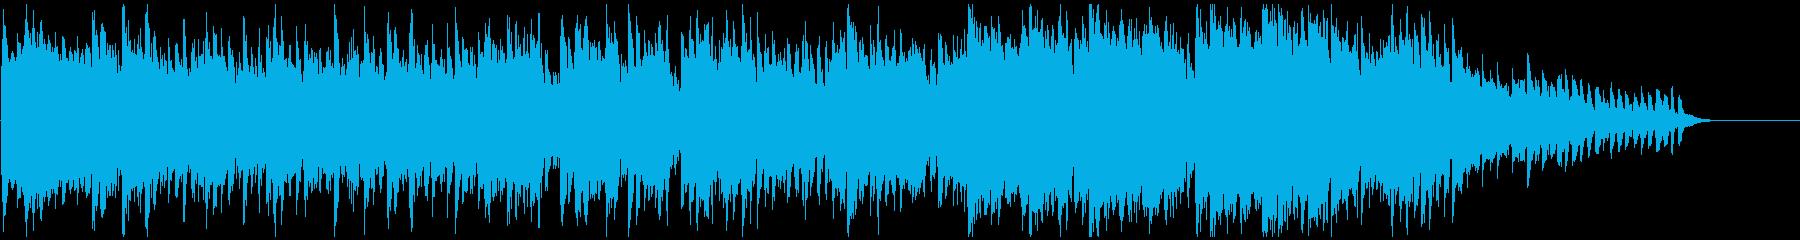 幽玄な和風エレクトロニカ ※60秒版の再生済みの波形